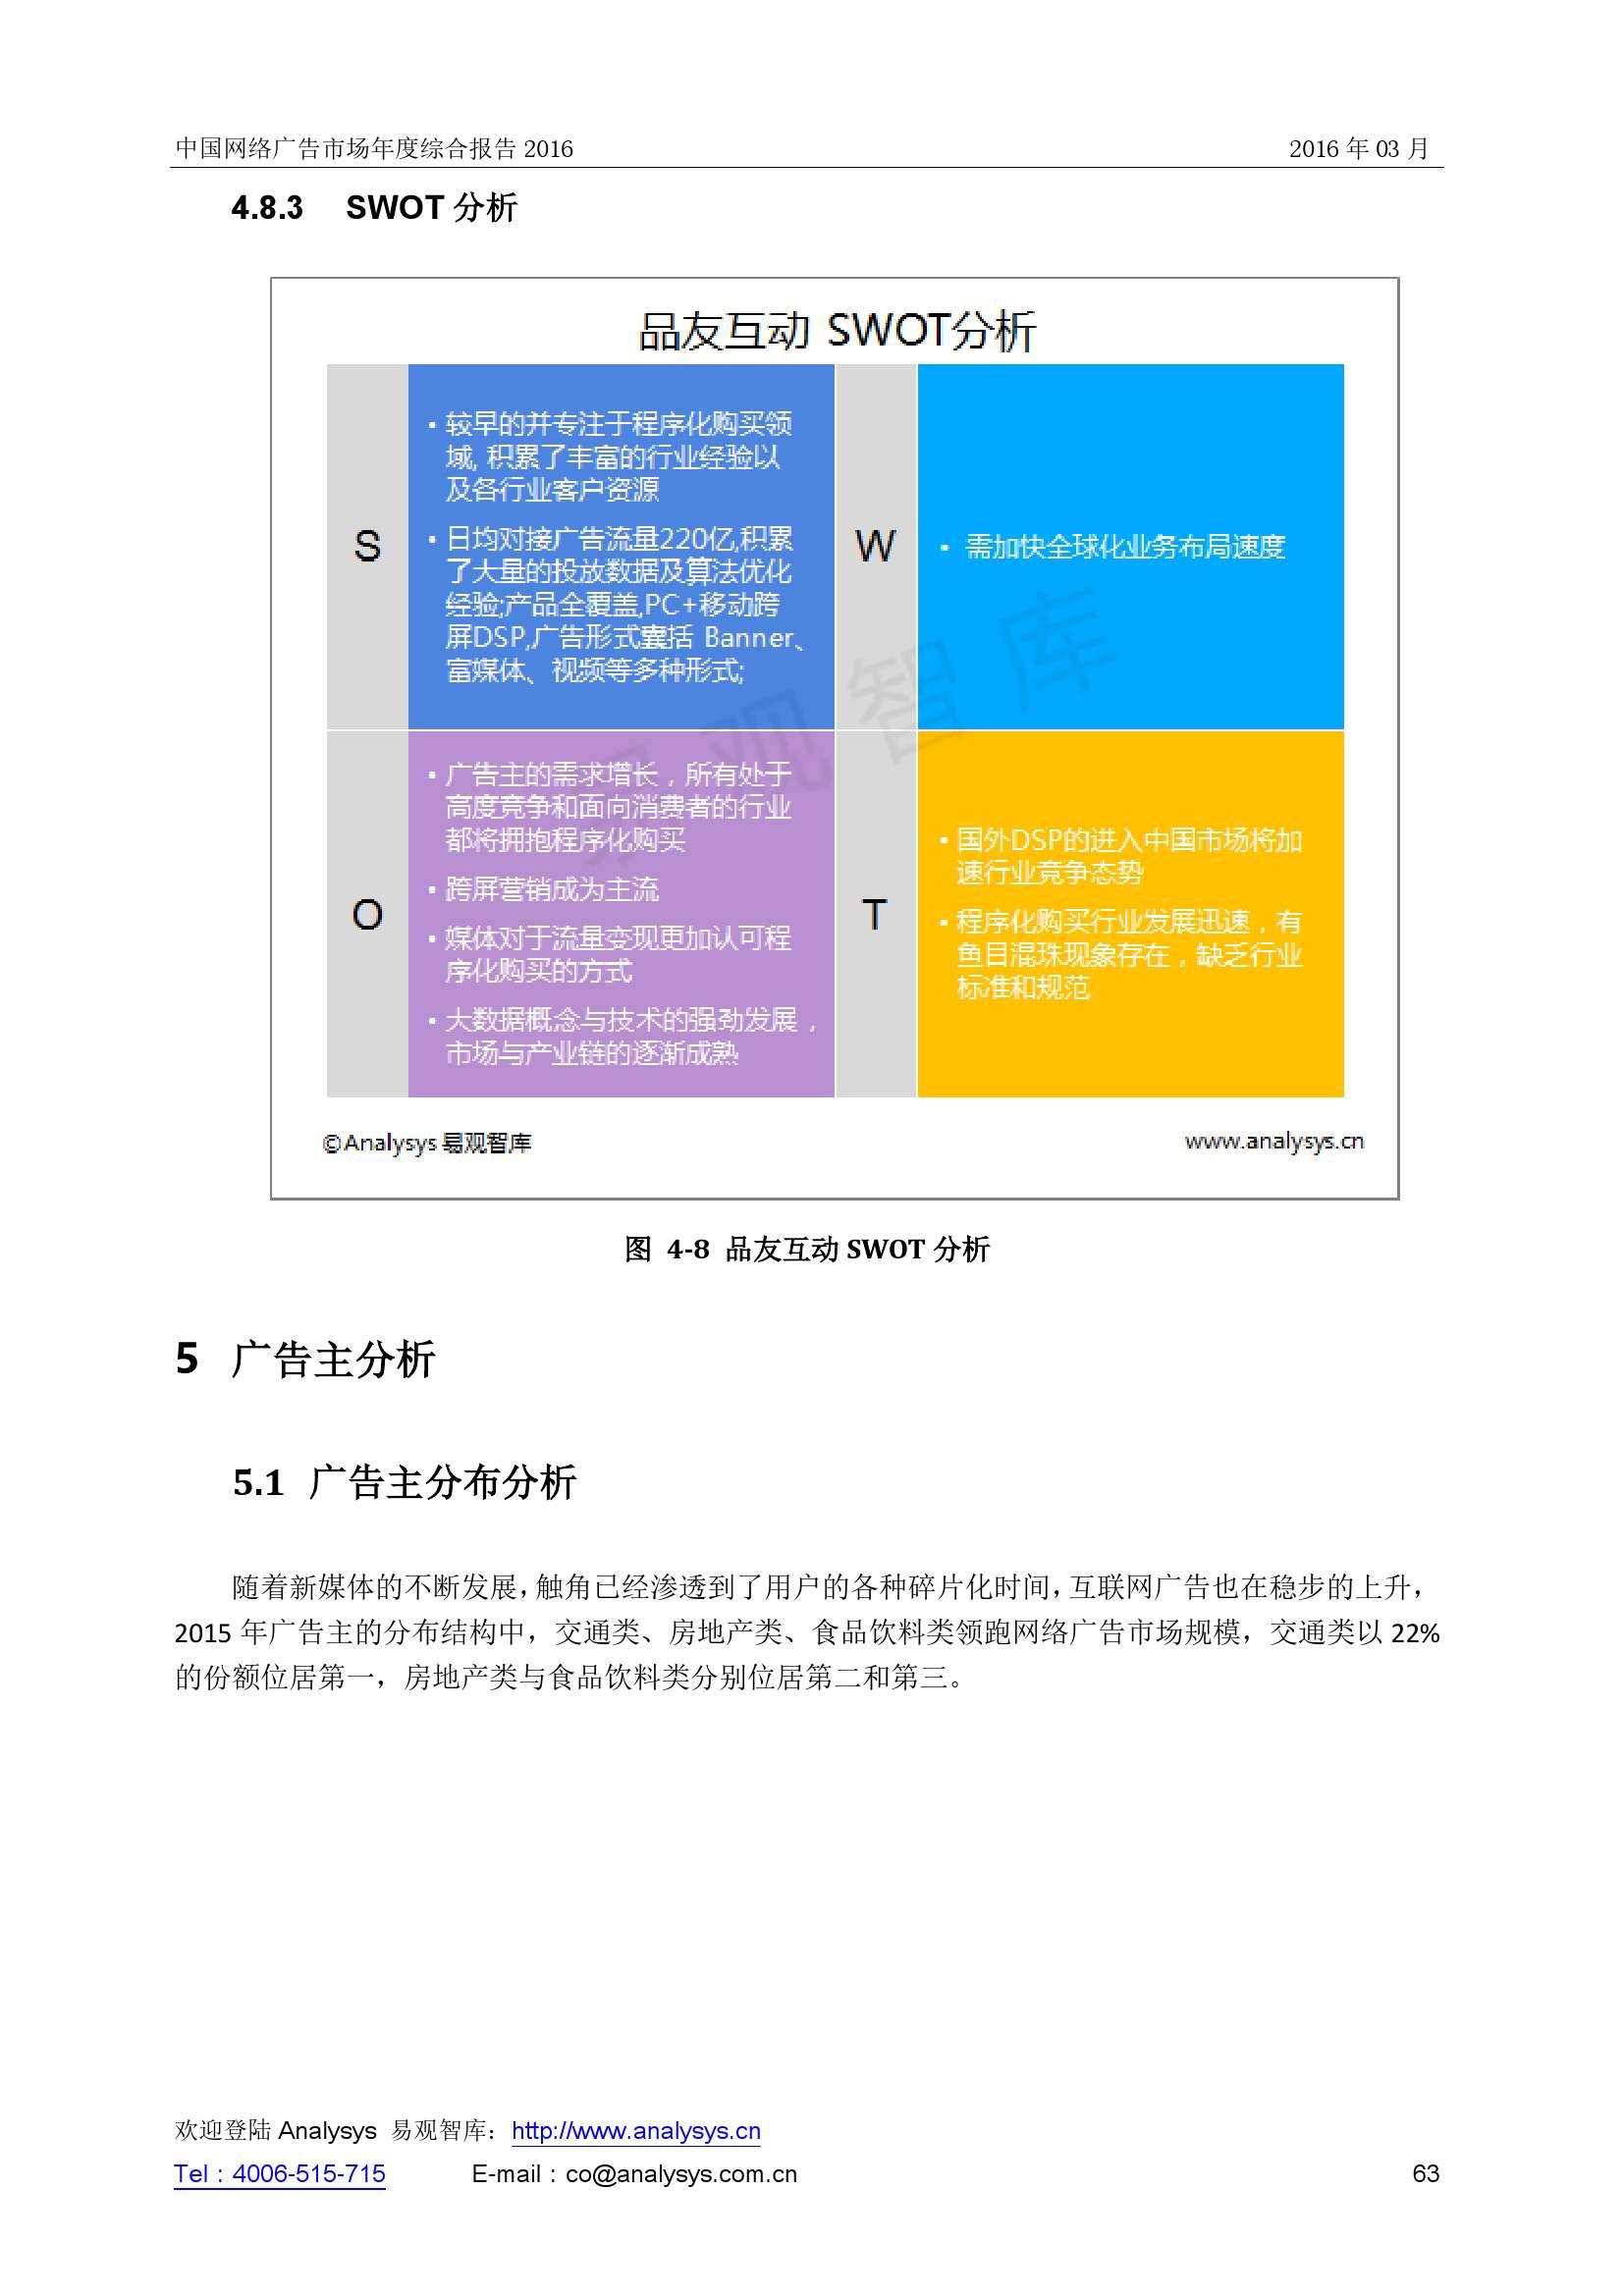 中国网络广告市场年度综合报告2016_000063